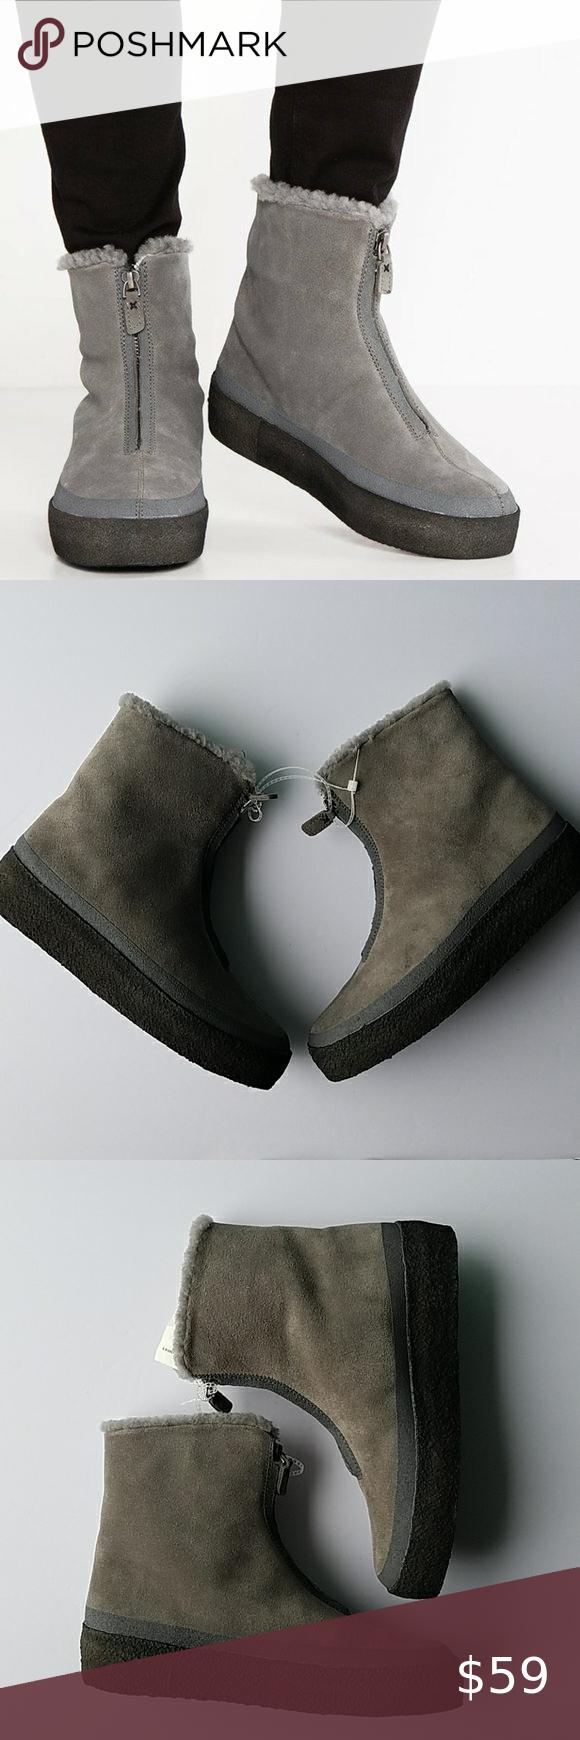 Clarks Jez Iglu Zip Gray Suede Wool Boots In 2020 Boots Clarks Gray Suede